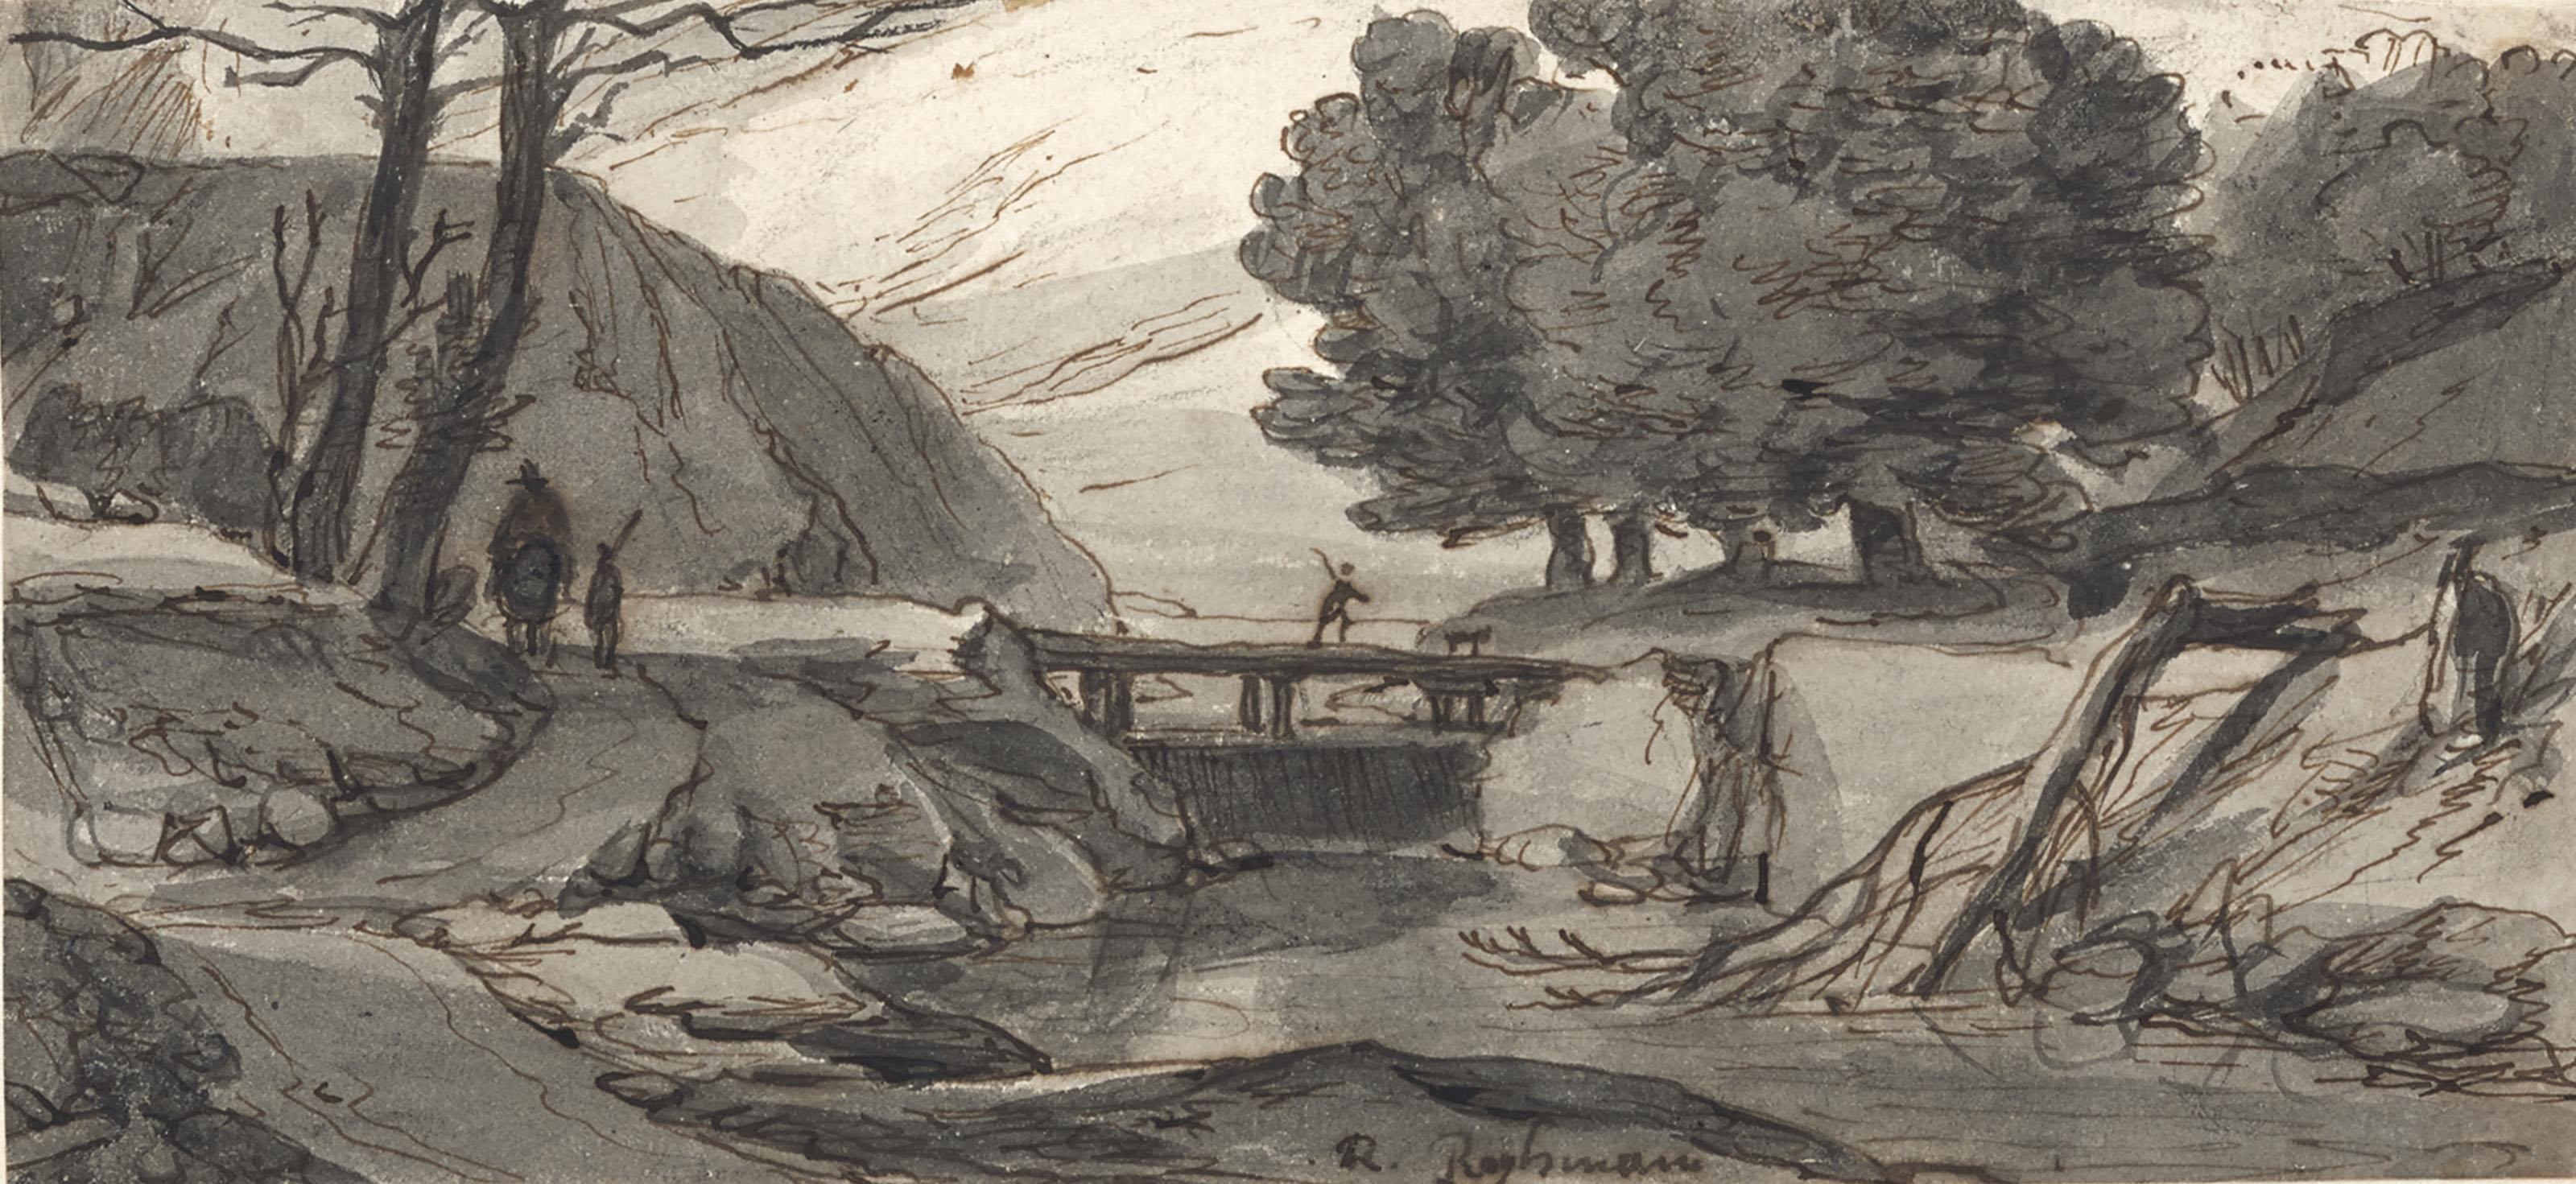 Paysage fluvial animé de personnages